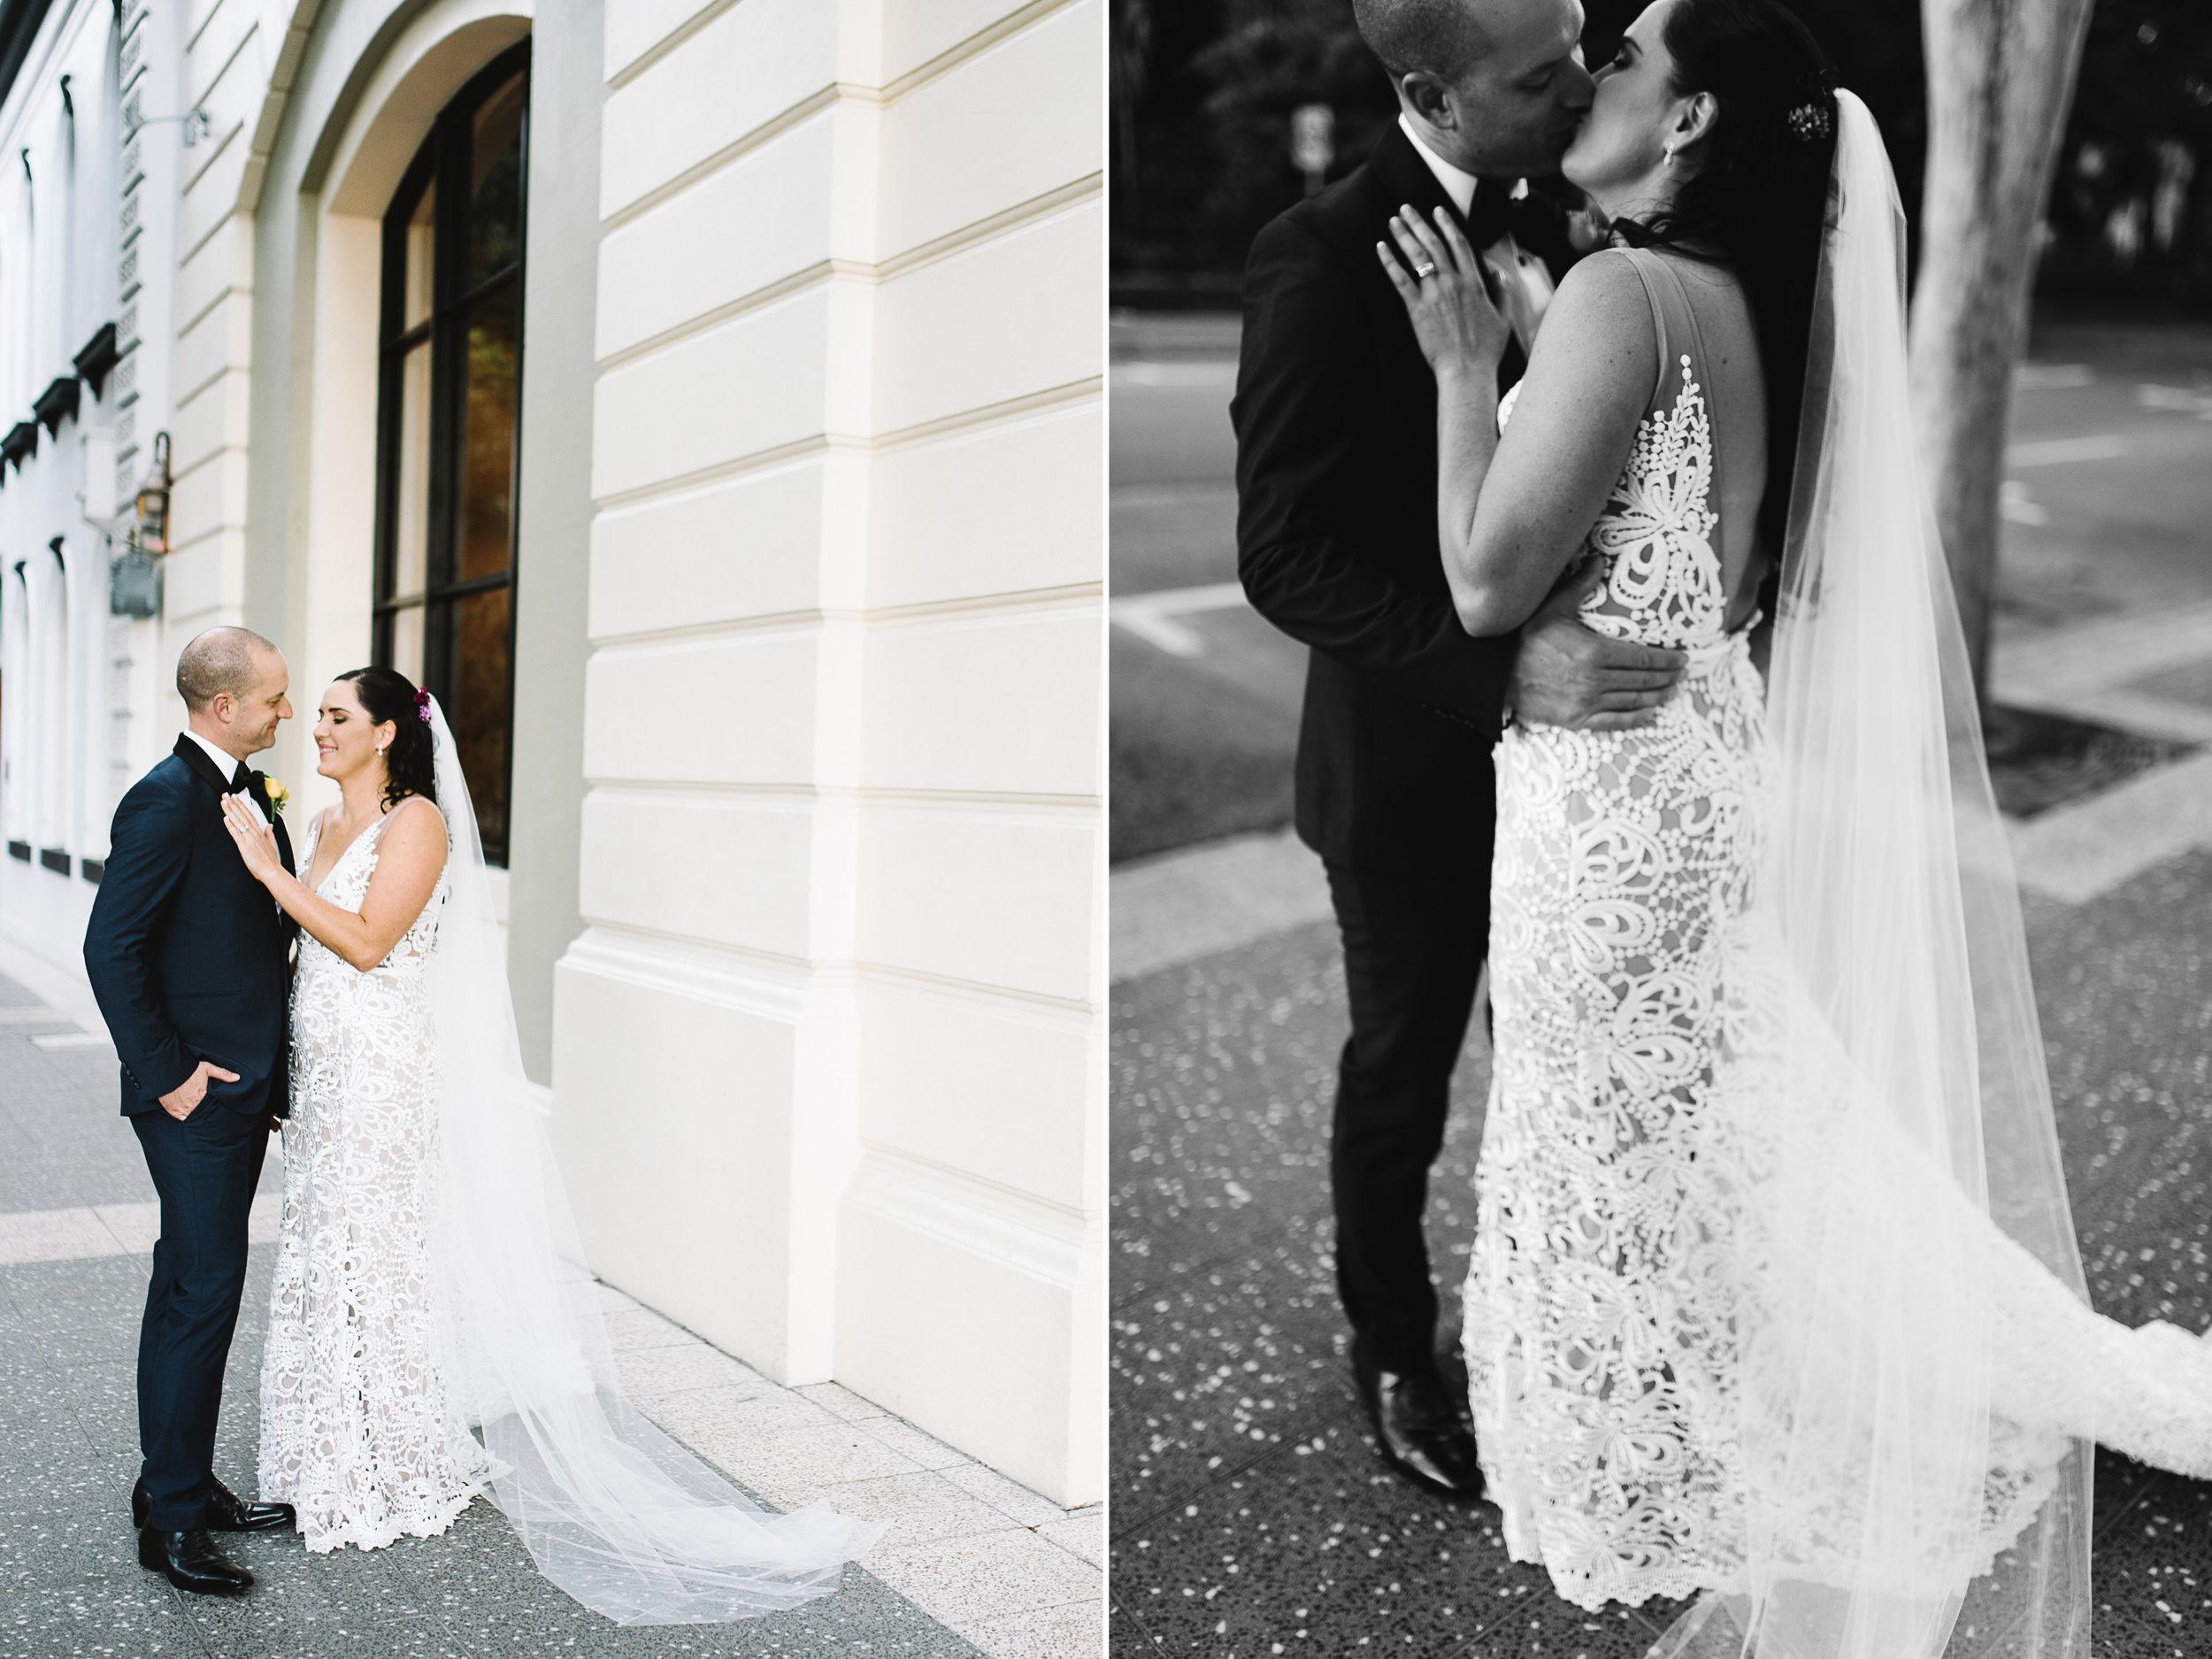 stamford-plaza-brisbane-wedding-19.jpg